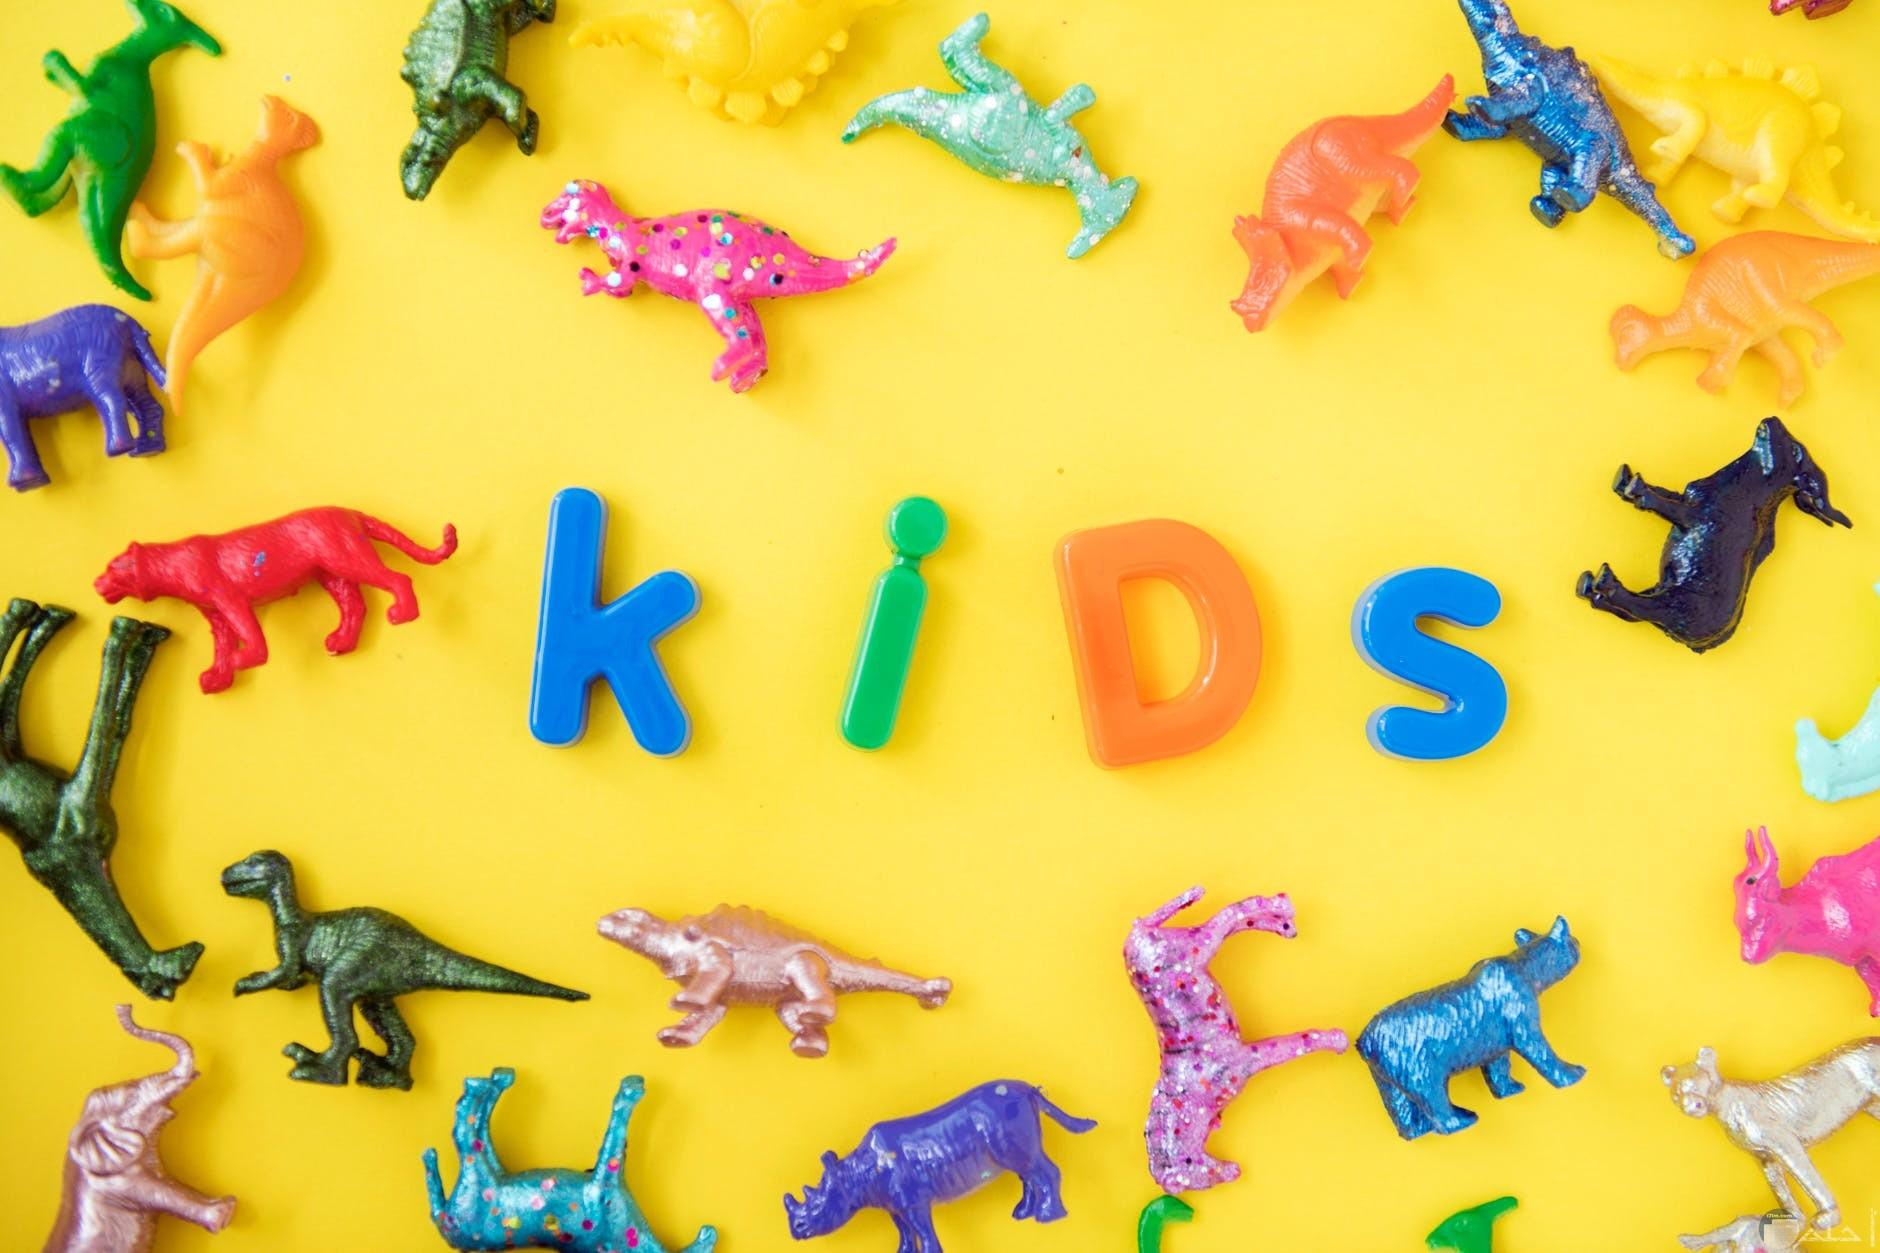 صورة حيوانات وكلمة KIDS